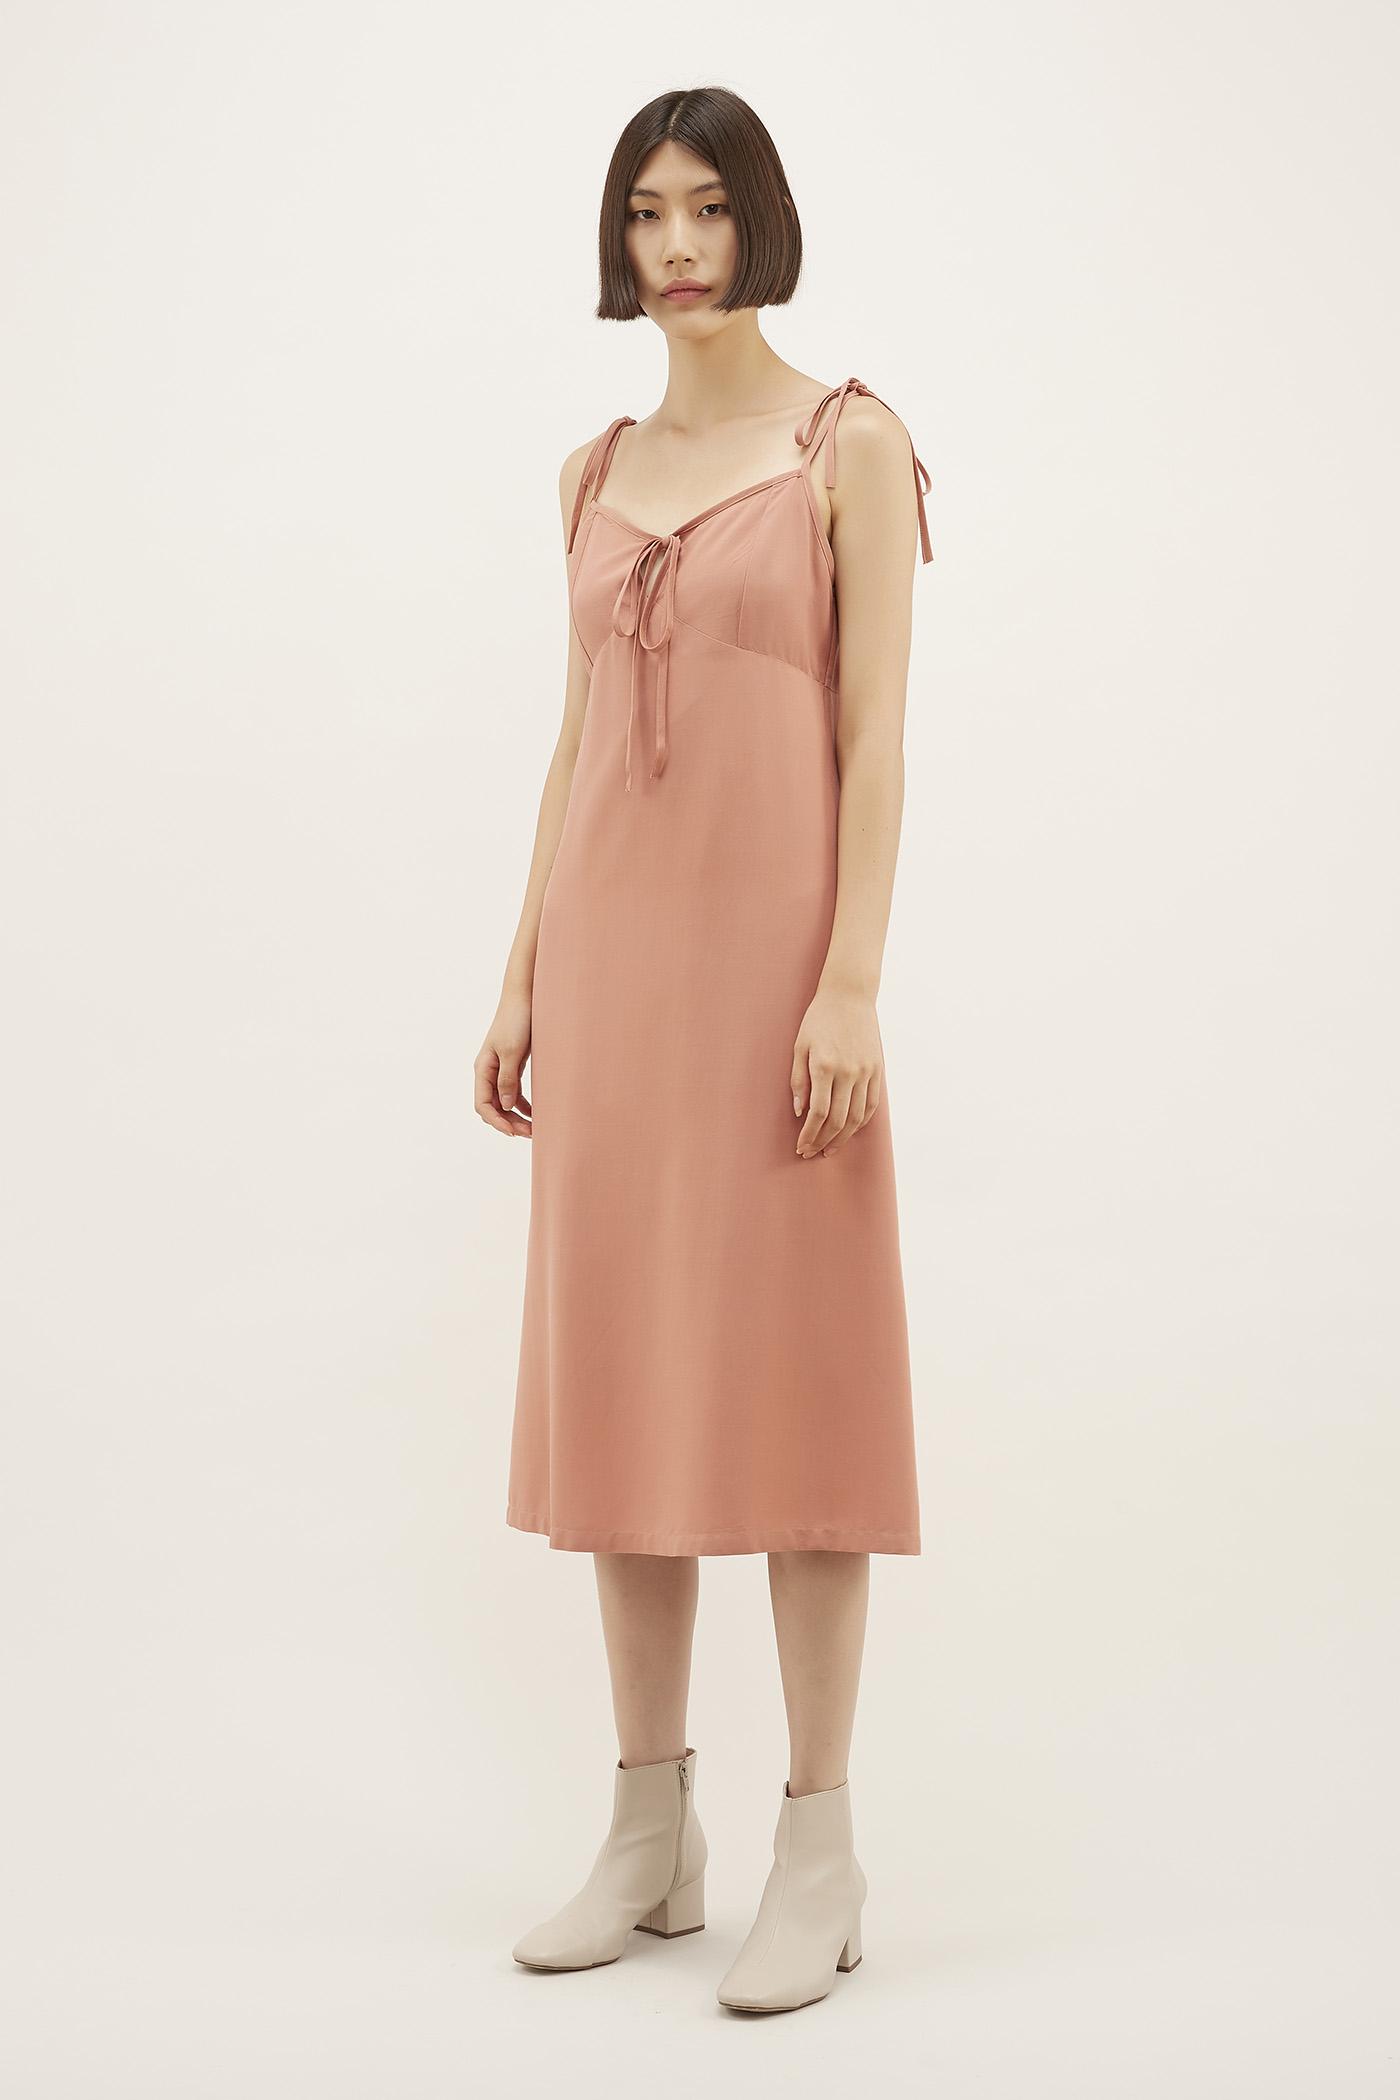 Rheah Strap-tie Slip Dress